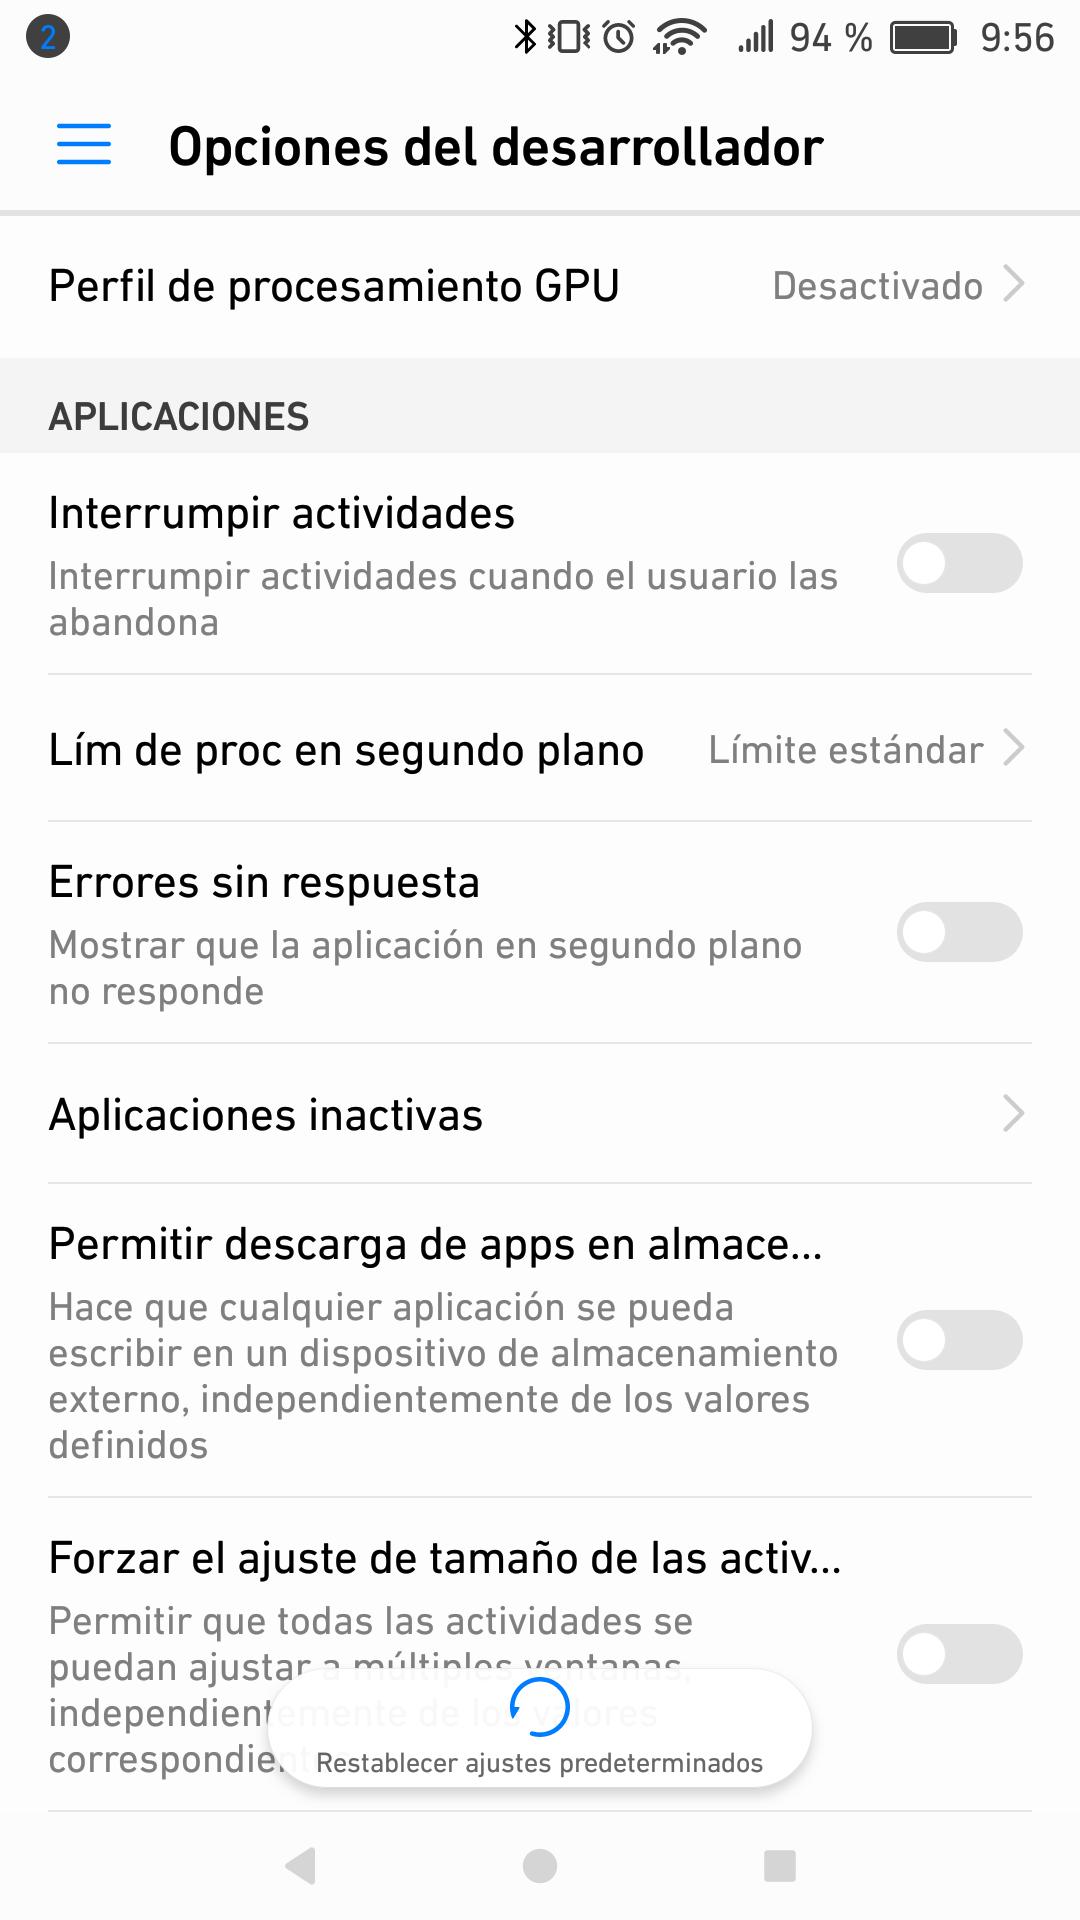 Opciones de desarrollador en Android 7.0